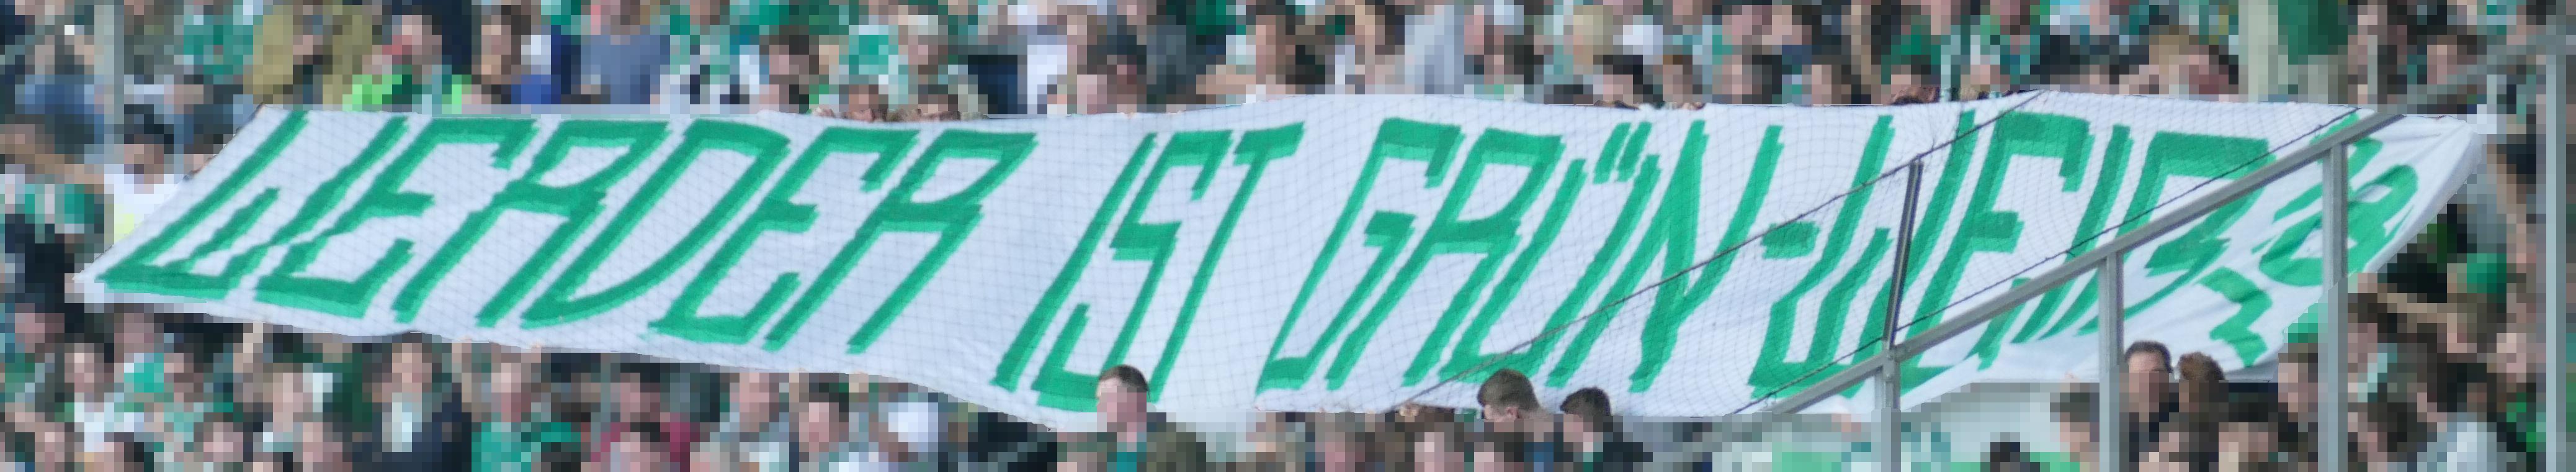 """28. Spieltag BMG vs. SVW: """"Werder ist Grün-Weiß!"""